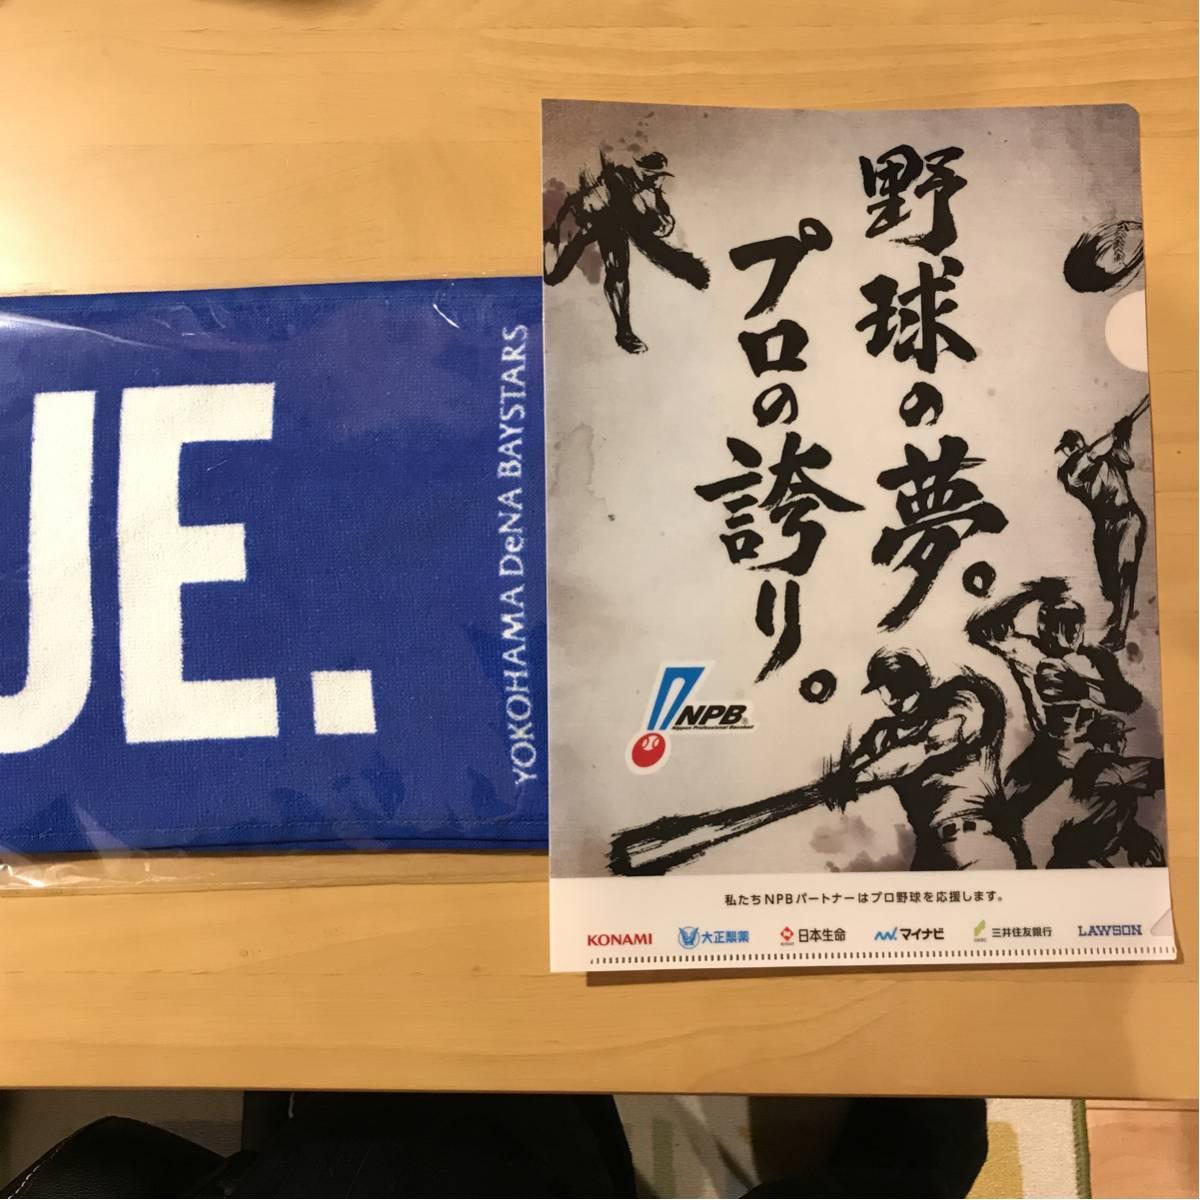 ★非売品★横浜DeNAベイスターズ・日本シリーズ・タオル&クリアファイル